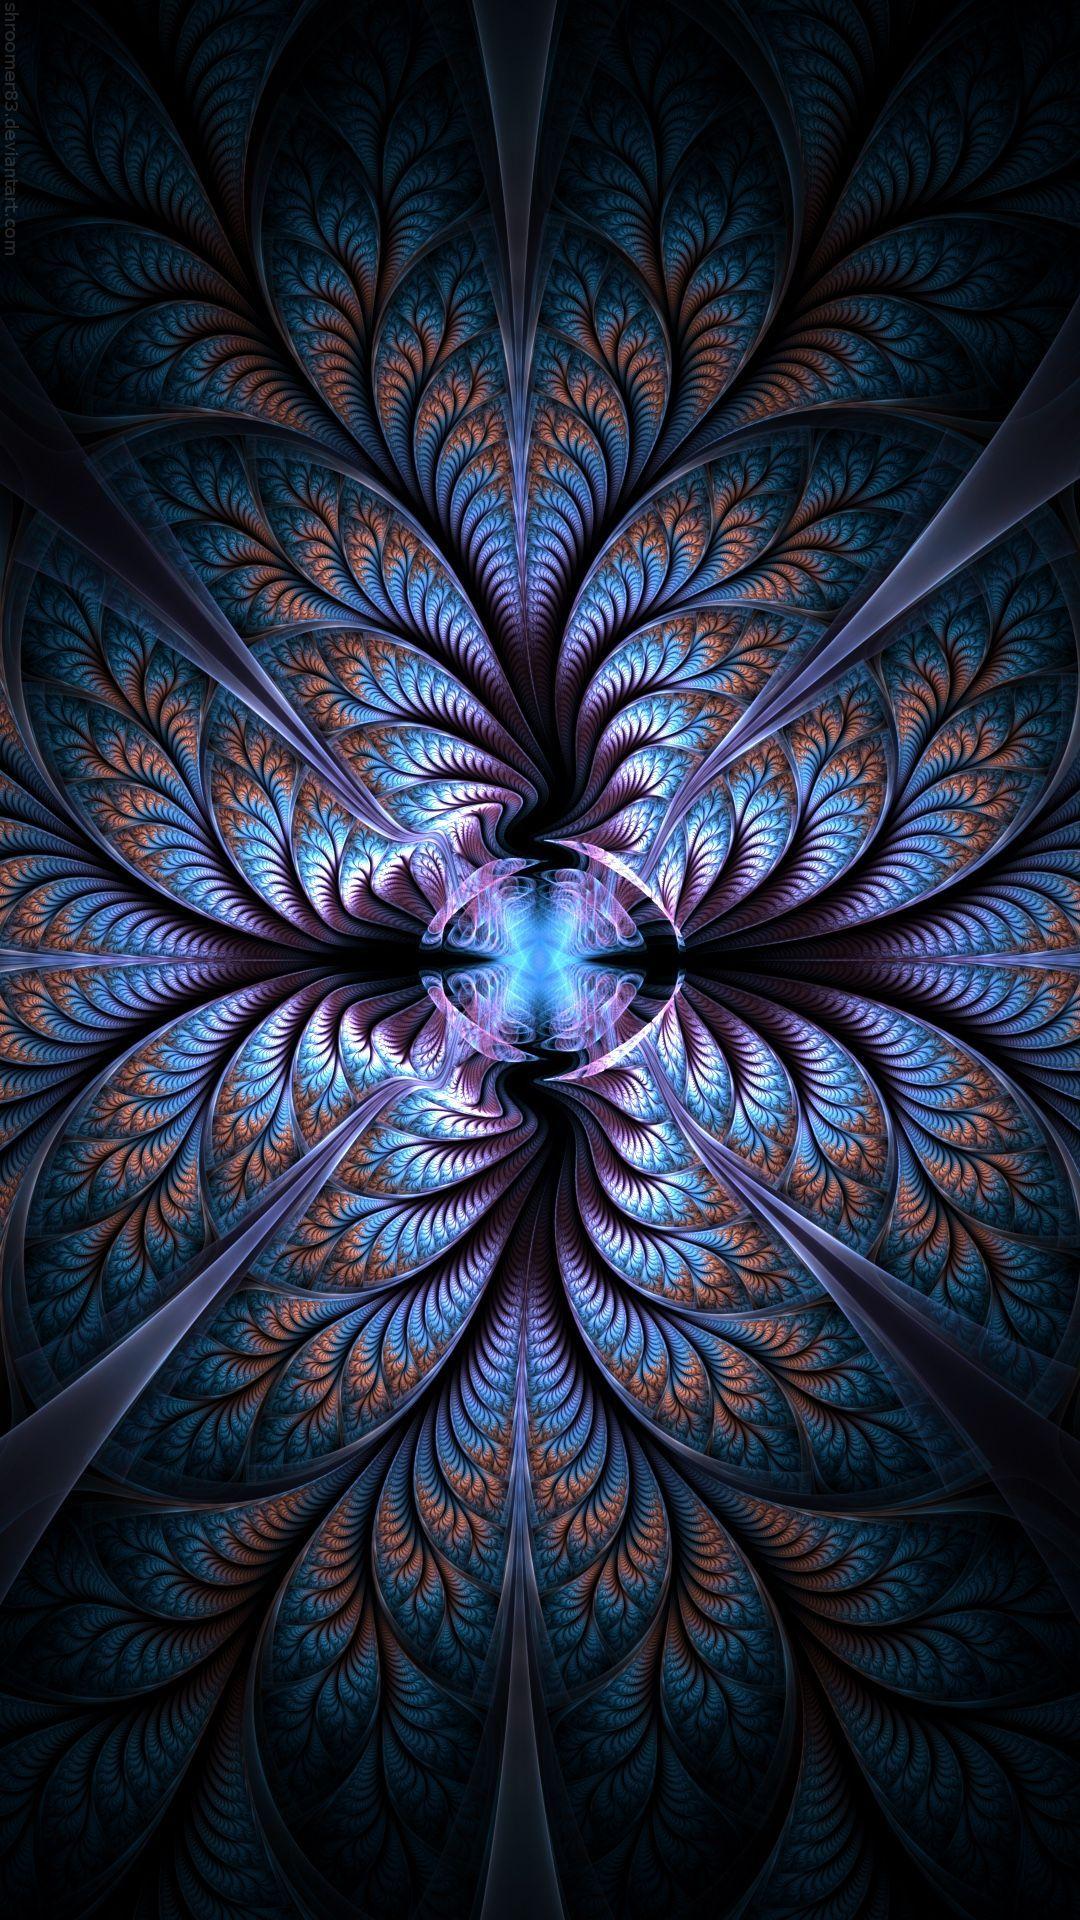 Fractal Art Blue Purple Art Pattern Symmetry Iphone